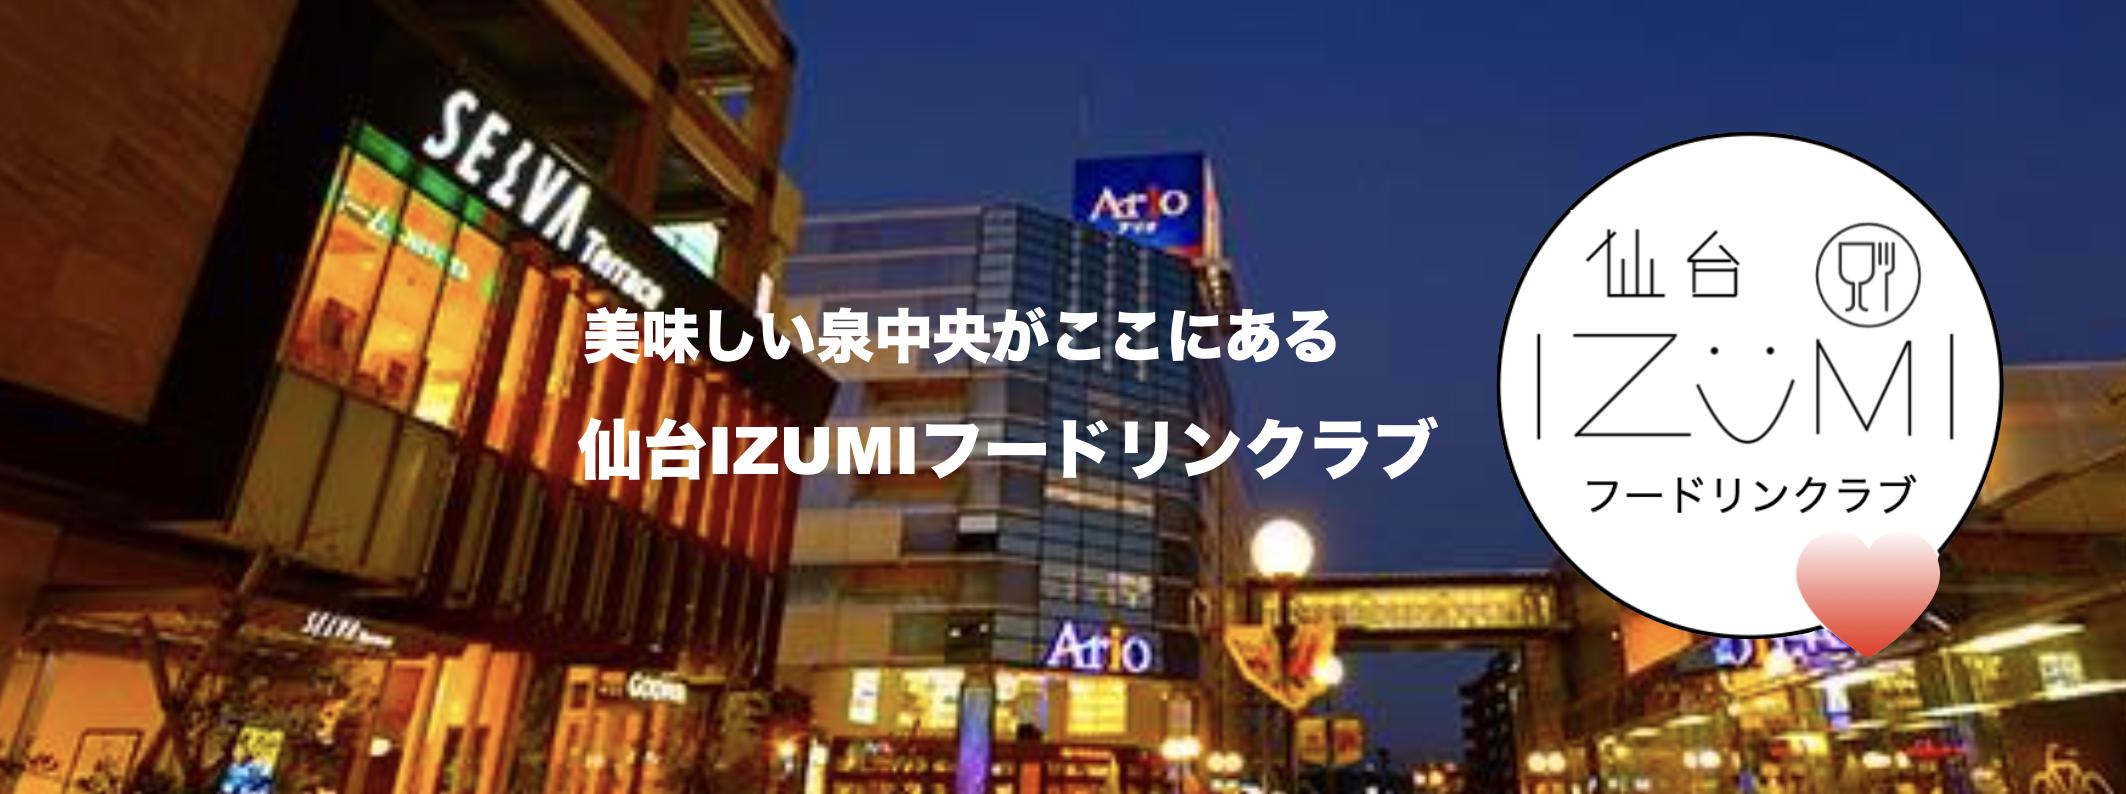 仙台IZUMIフードリンクラブ